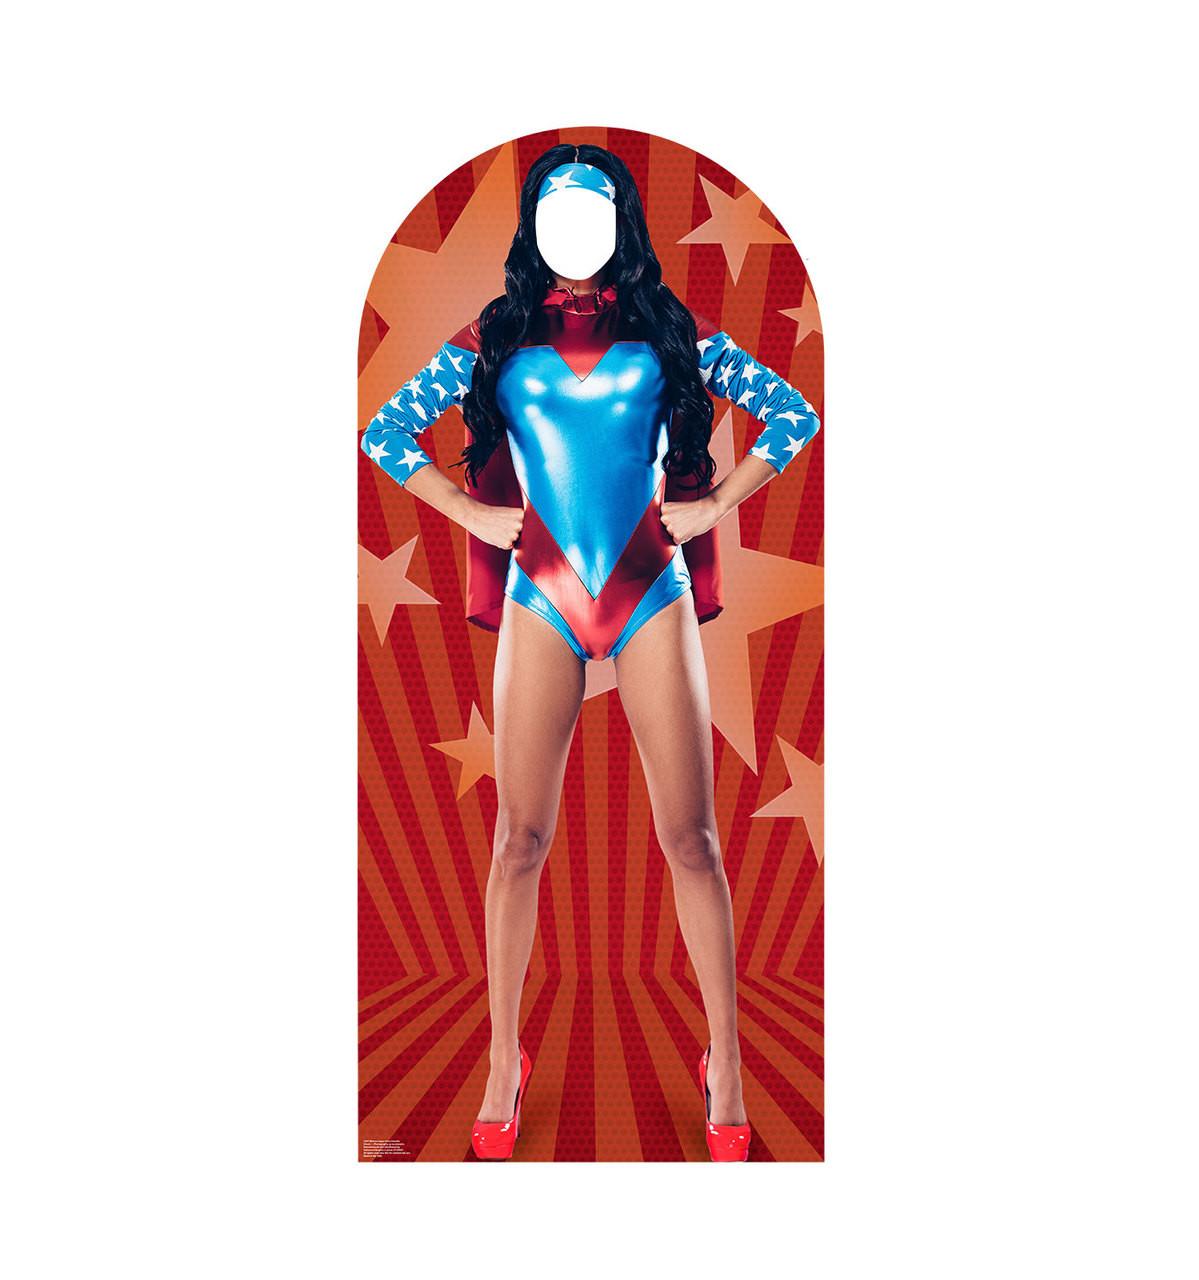 Woman Superhero Cardboard Stand-In